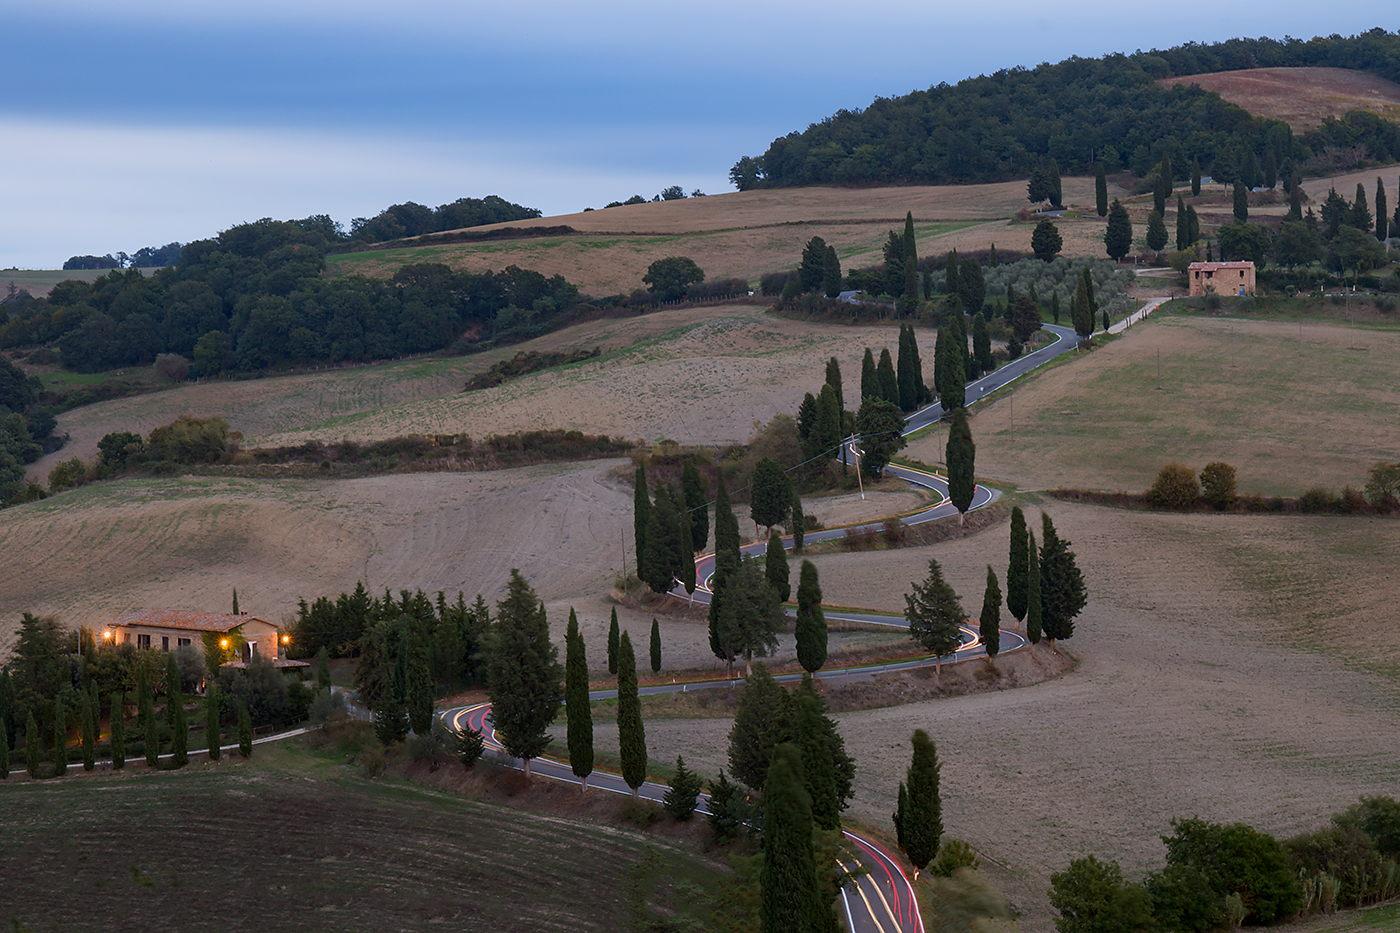 """Droga z filmu """"Pod słońcem Toskanii"""" wieczorem, Toskania, jak fotografować smugi świateł samochodów"""